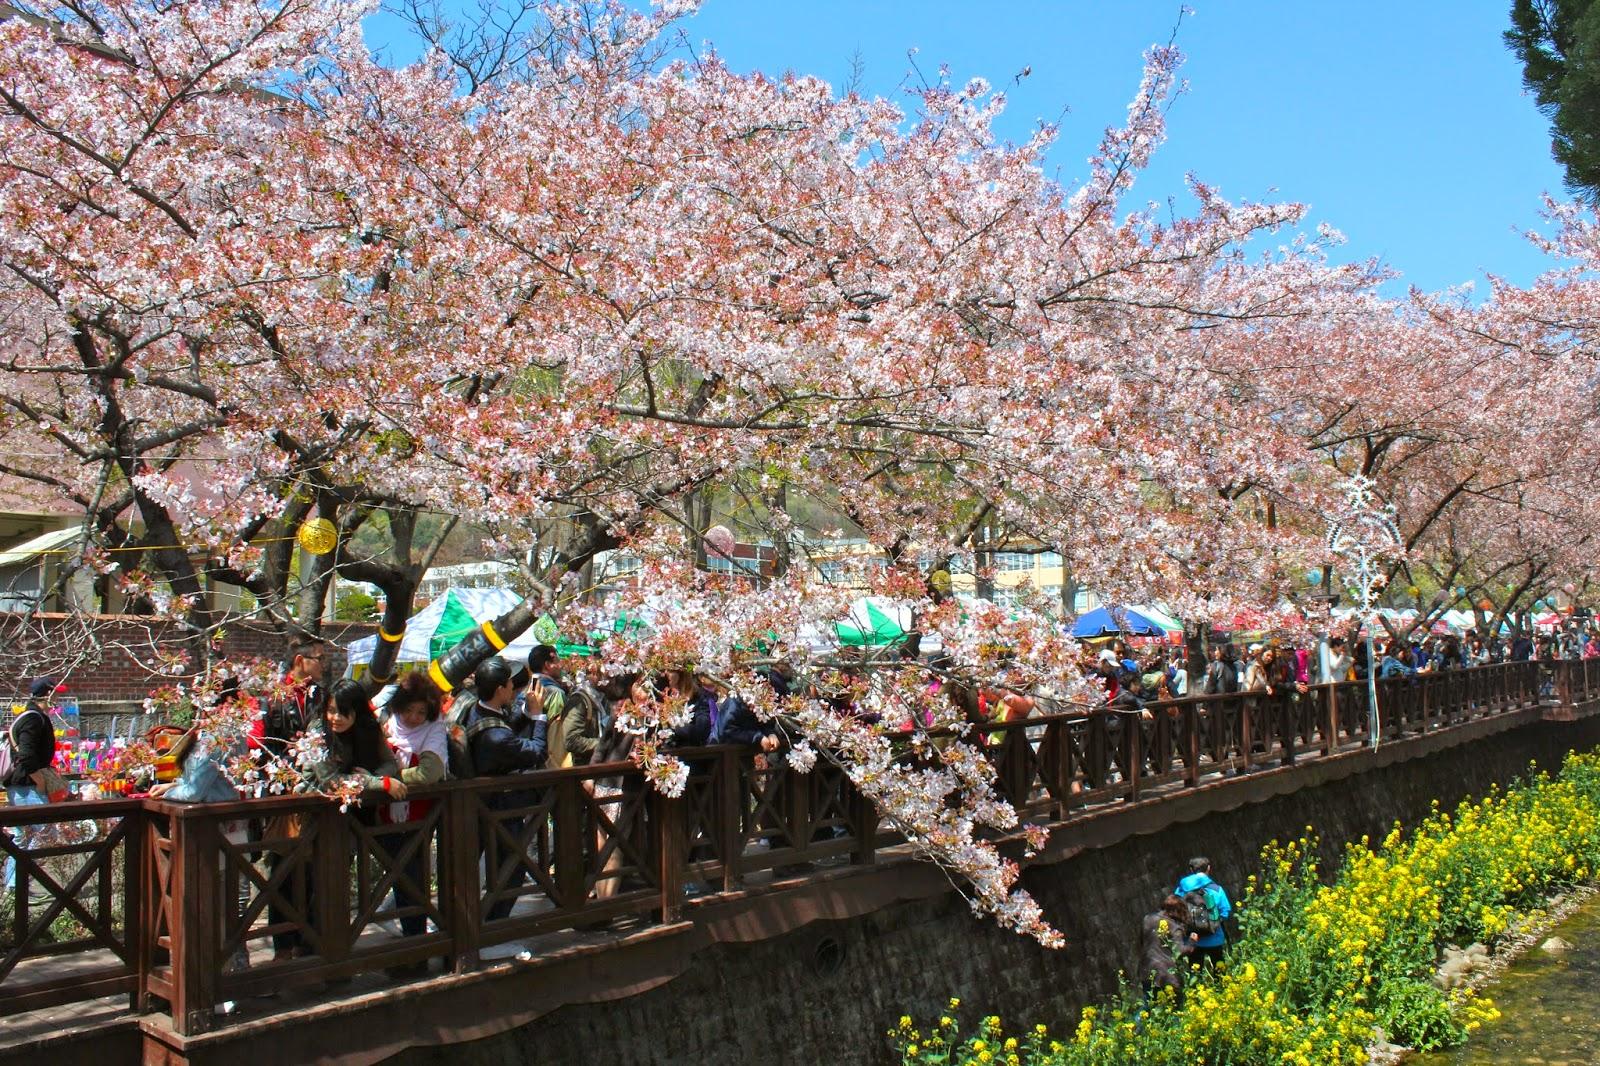 Jinhae cherry blossom festival blog